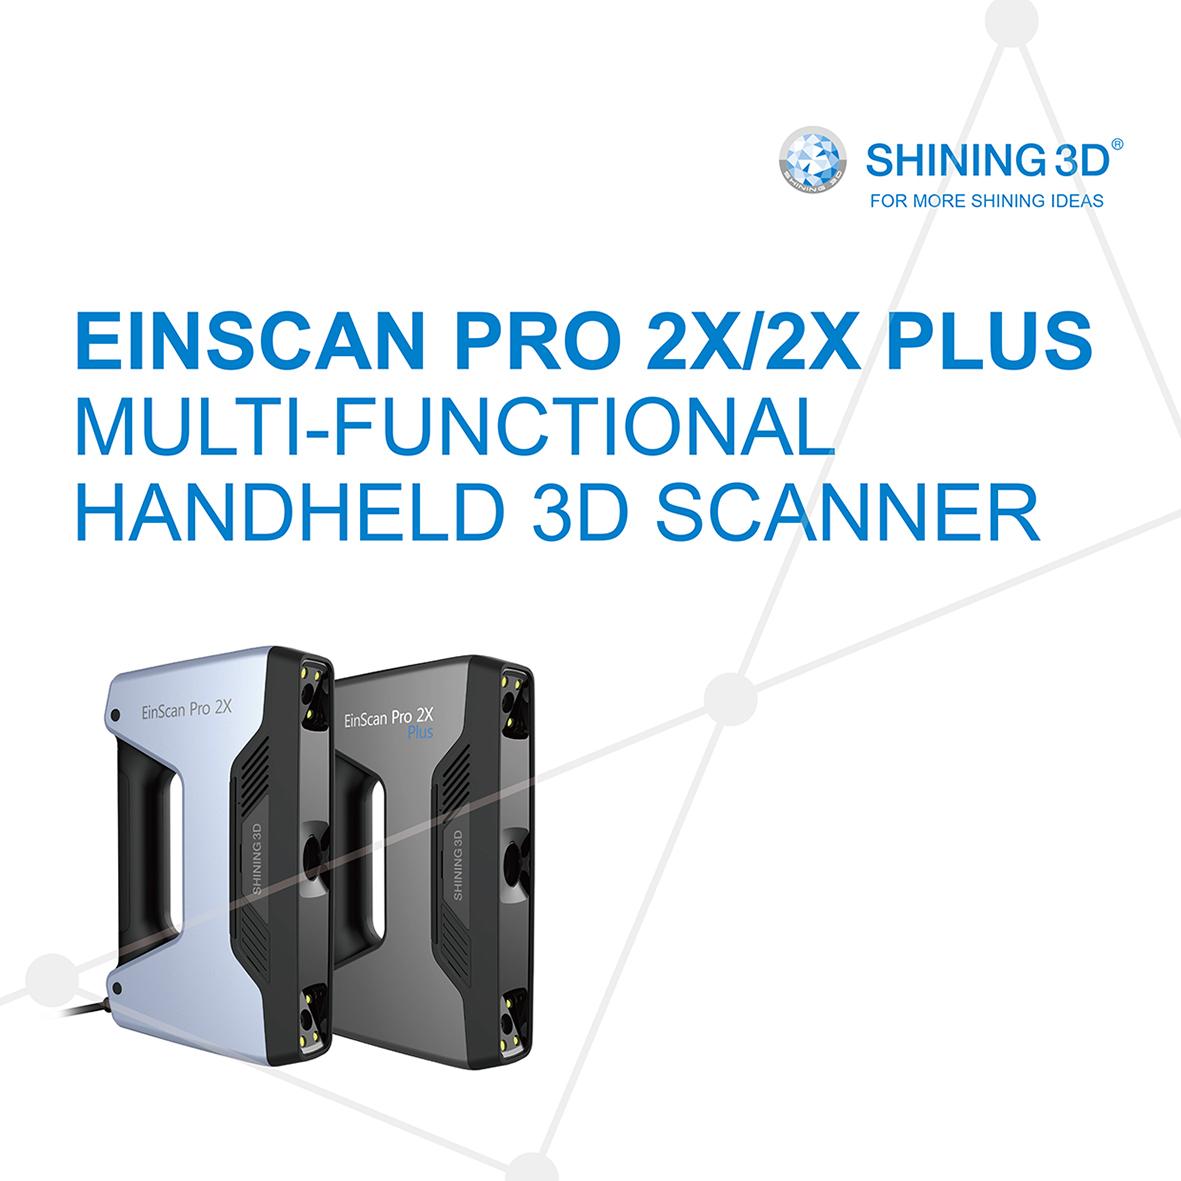 ★日本正規代理店★ EinScan Pro 2X EINSCAN PRO 2X/2X MULTI-FUNCTIONAL HANDHELD 3D SCANNER モバイル手持ち3Dスキャナー